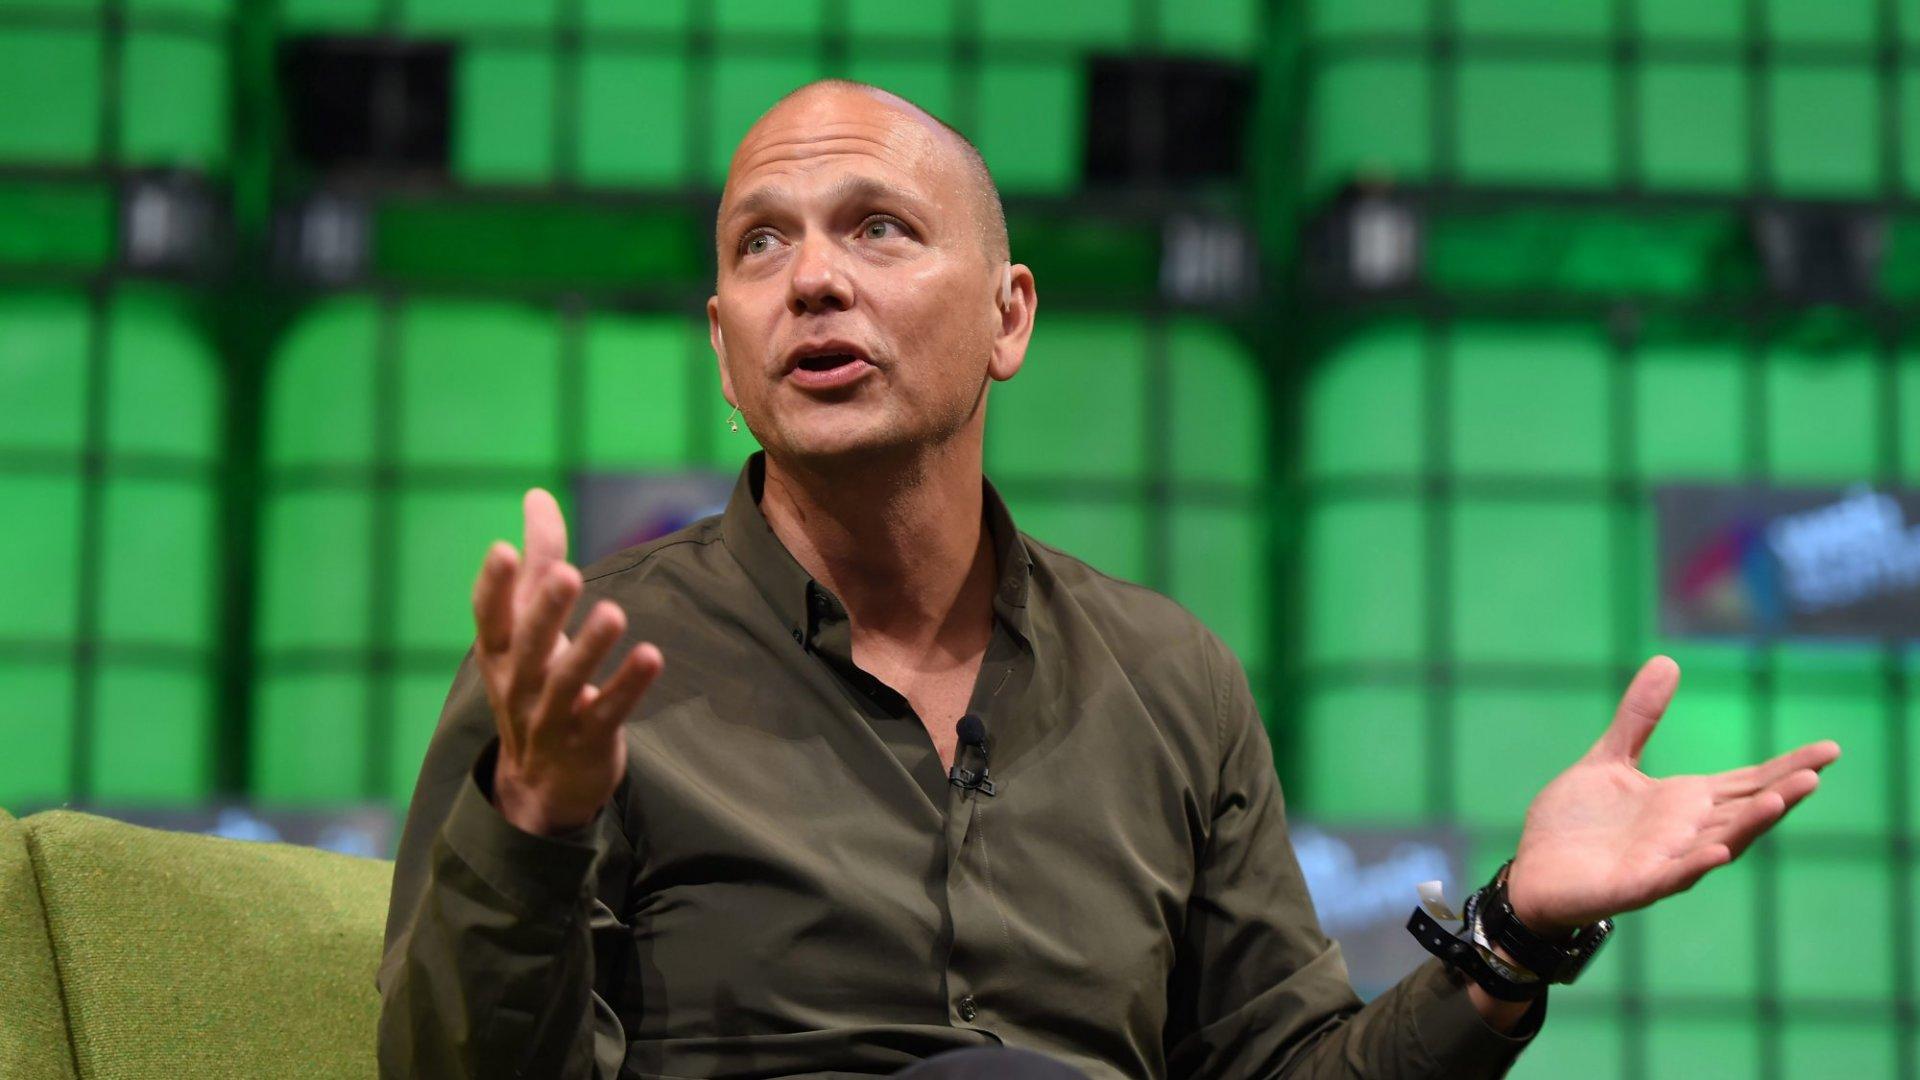 Nest's Tony Fadell Explains 3 Ways to Spot New Ideas